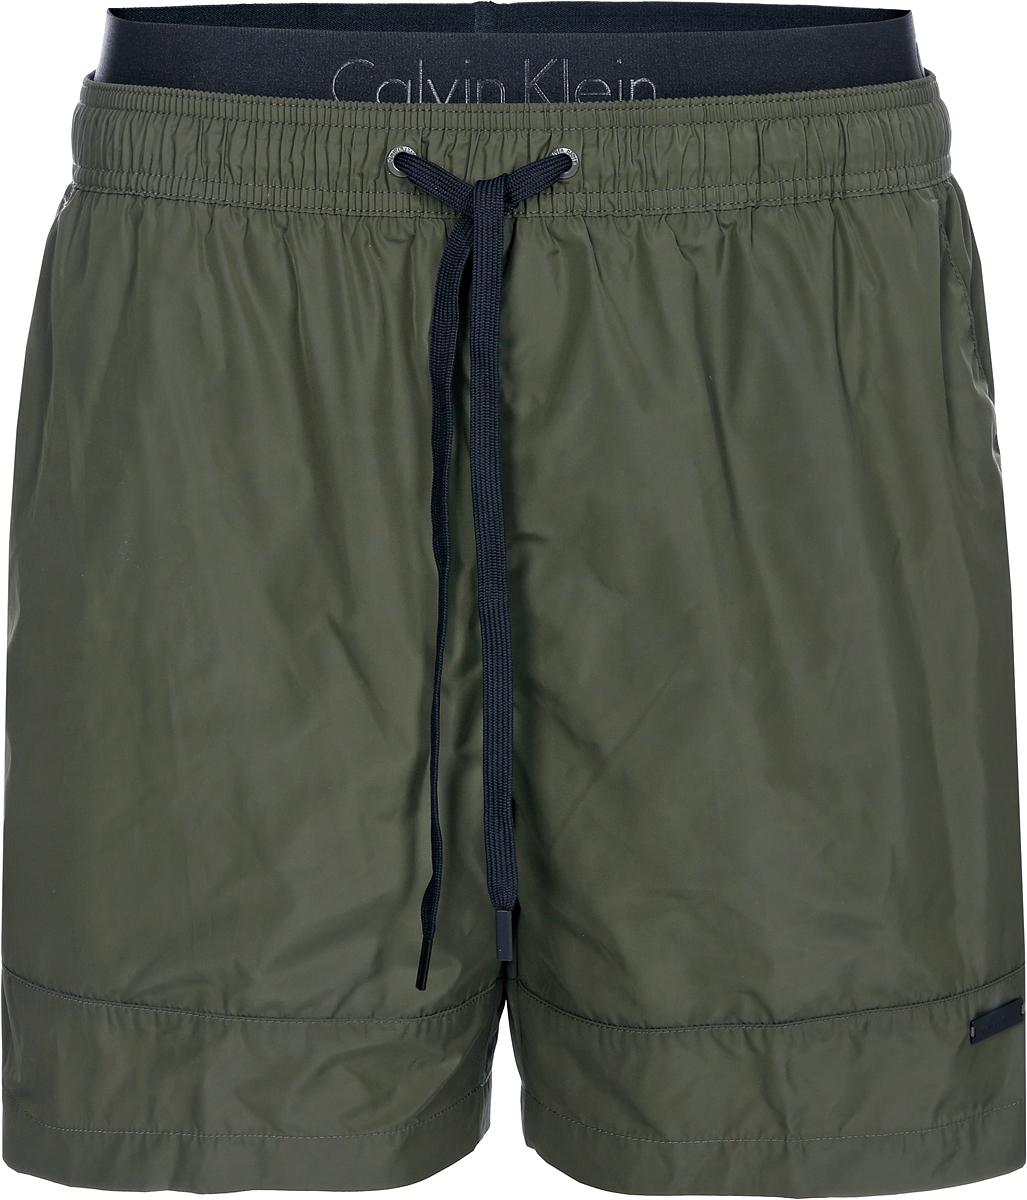 Шорты для плавания мужские Calvin Klein Underwear, цвет: темно-зеленый. KM0KM00213_314. Размер M (50)KM0KM00213_314Мужские шорты для плавания Calvin Klein Underwear выполнены из быстросохнущего материала. Модель имеет широкую эластичную резинку на поясе. Объем талии регулируется при помощи шнурка. Шорты дополнены накладным карманом сзади.